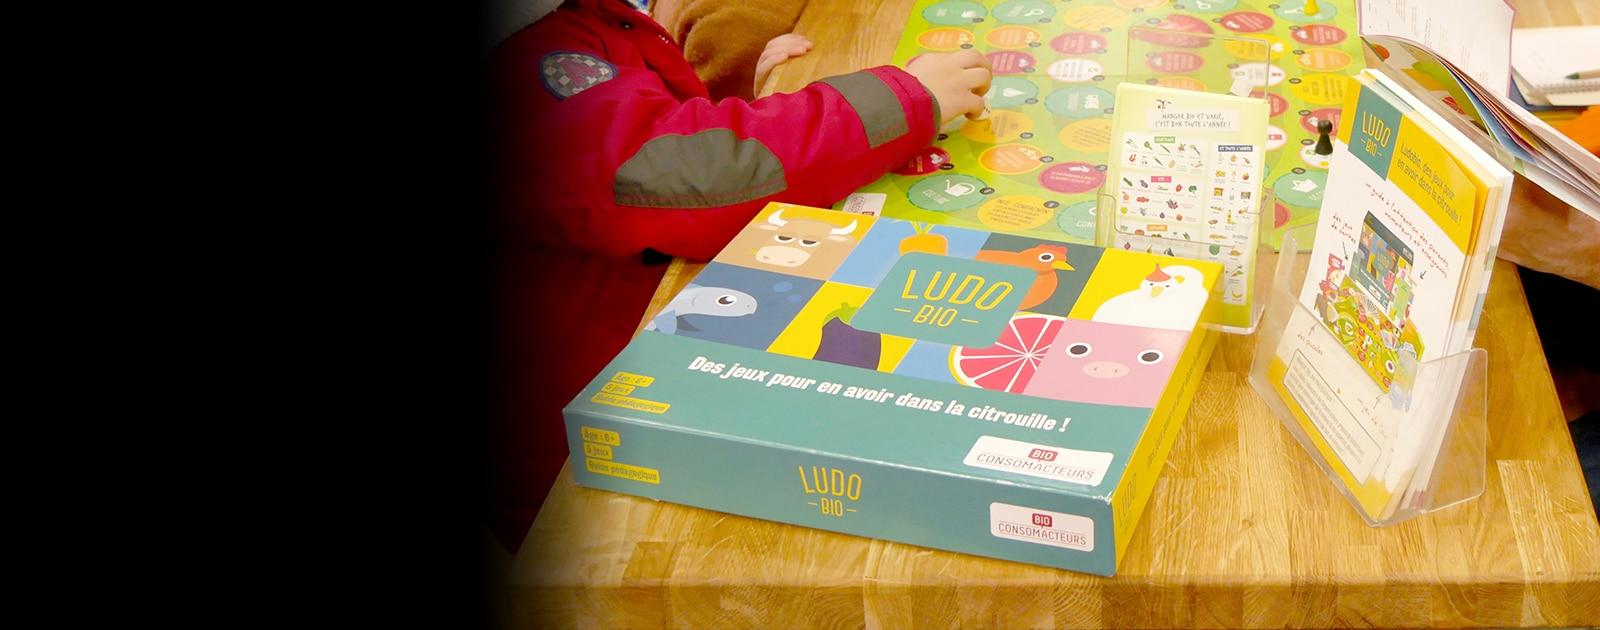 Ludobio, des jeux qui en ont dans la citrouille !